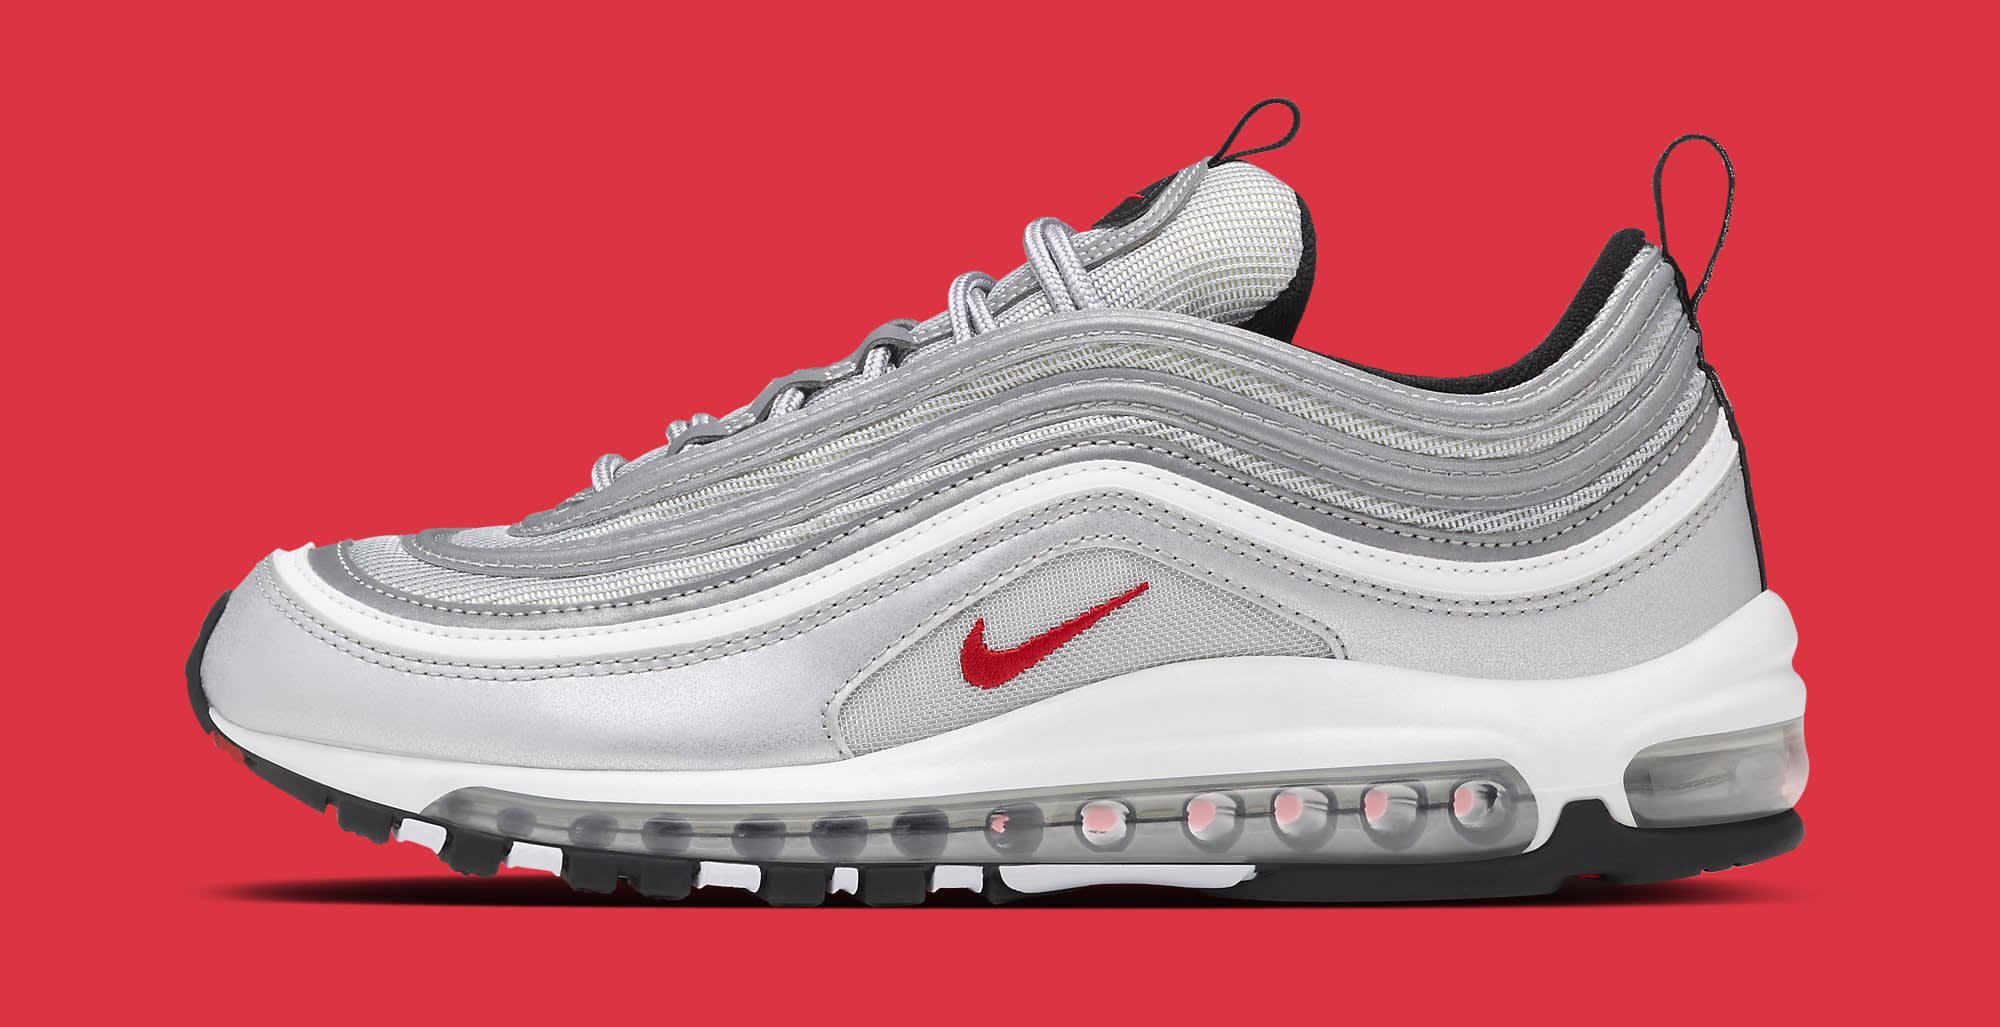 Silver Nike Air Max 97 884421-001 Profile